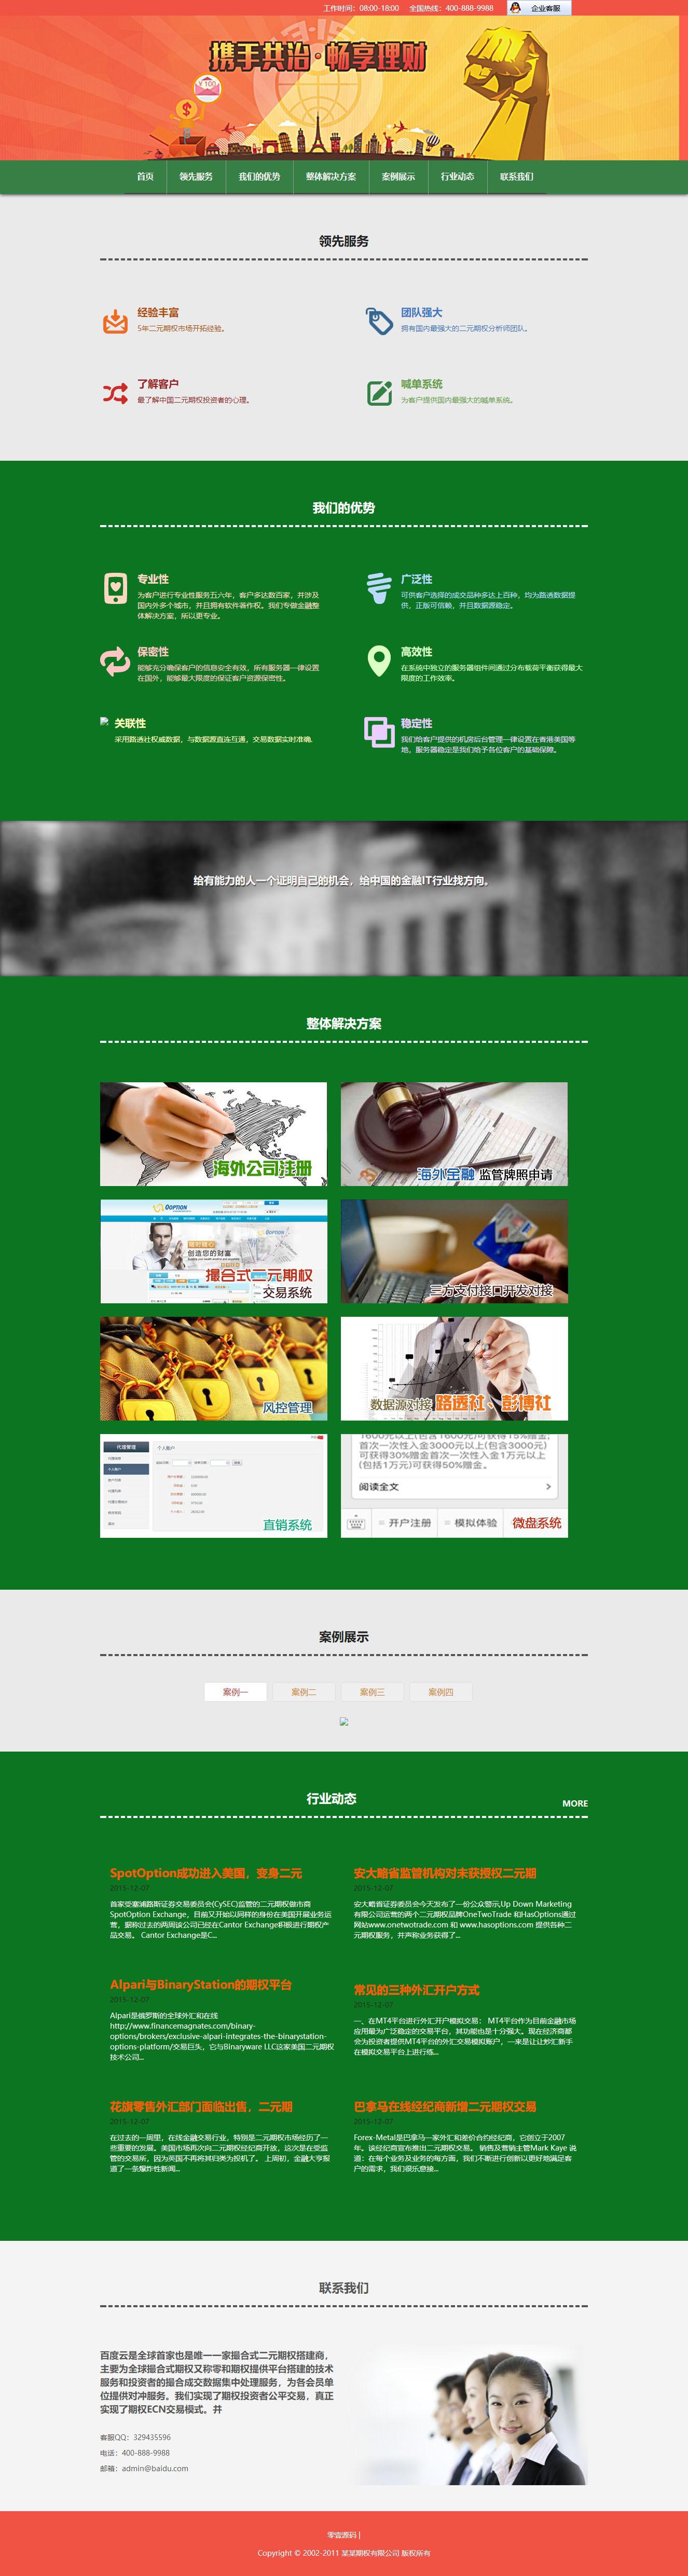 期权分析喊单投资类网站织梦dedecms模板(带手机端)